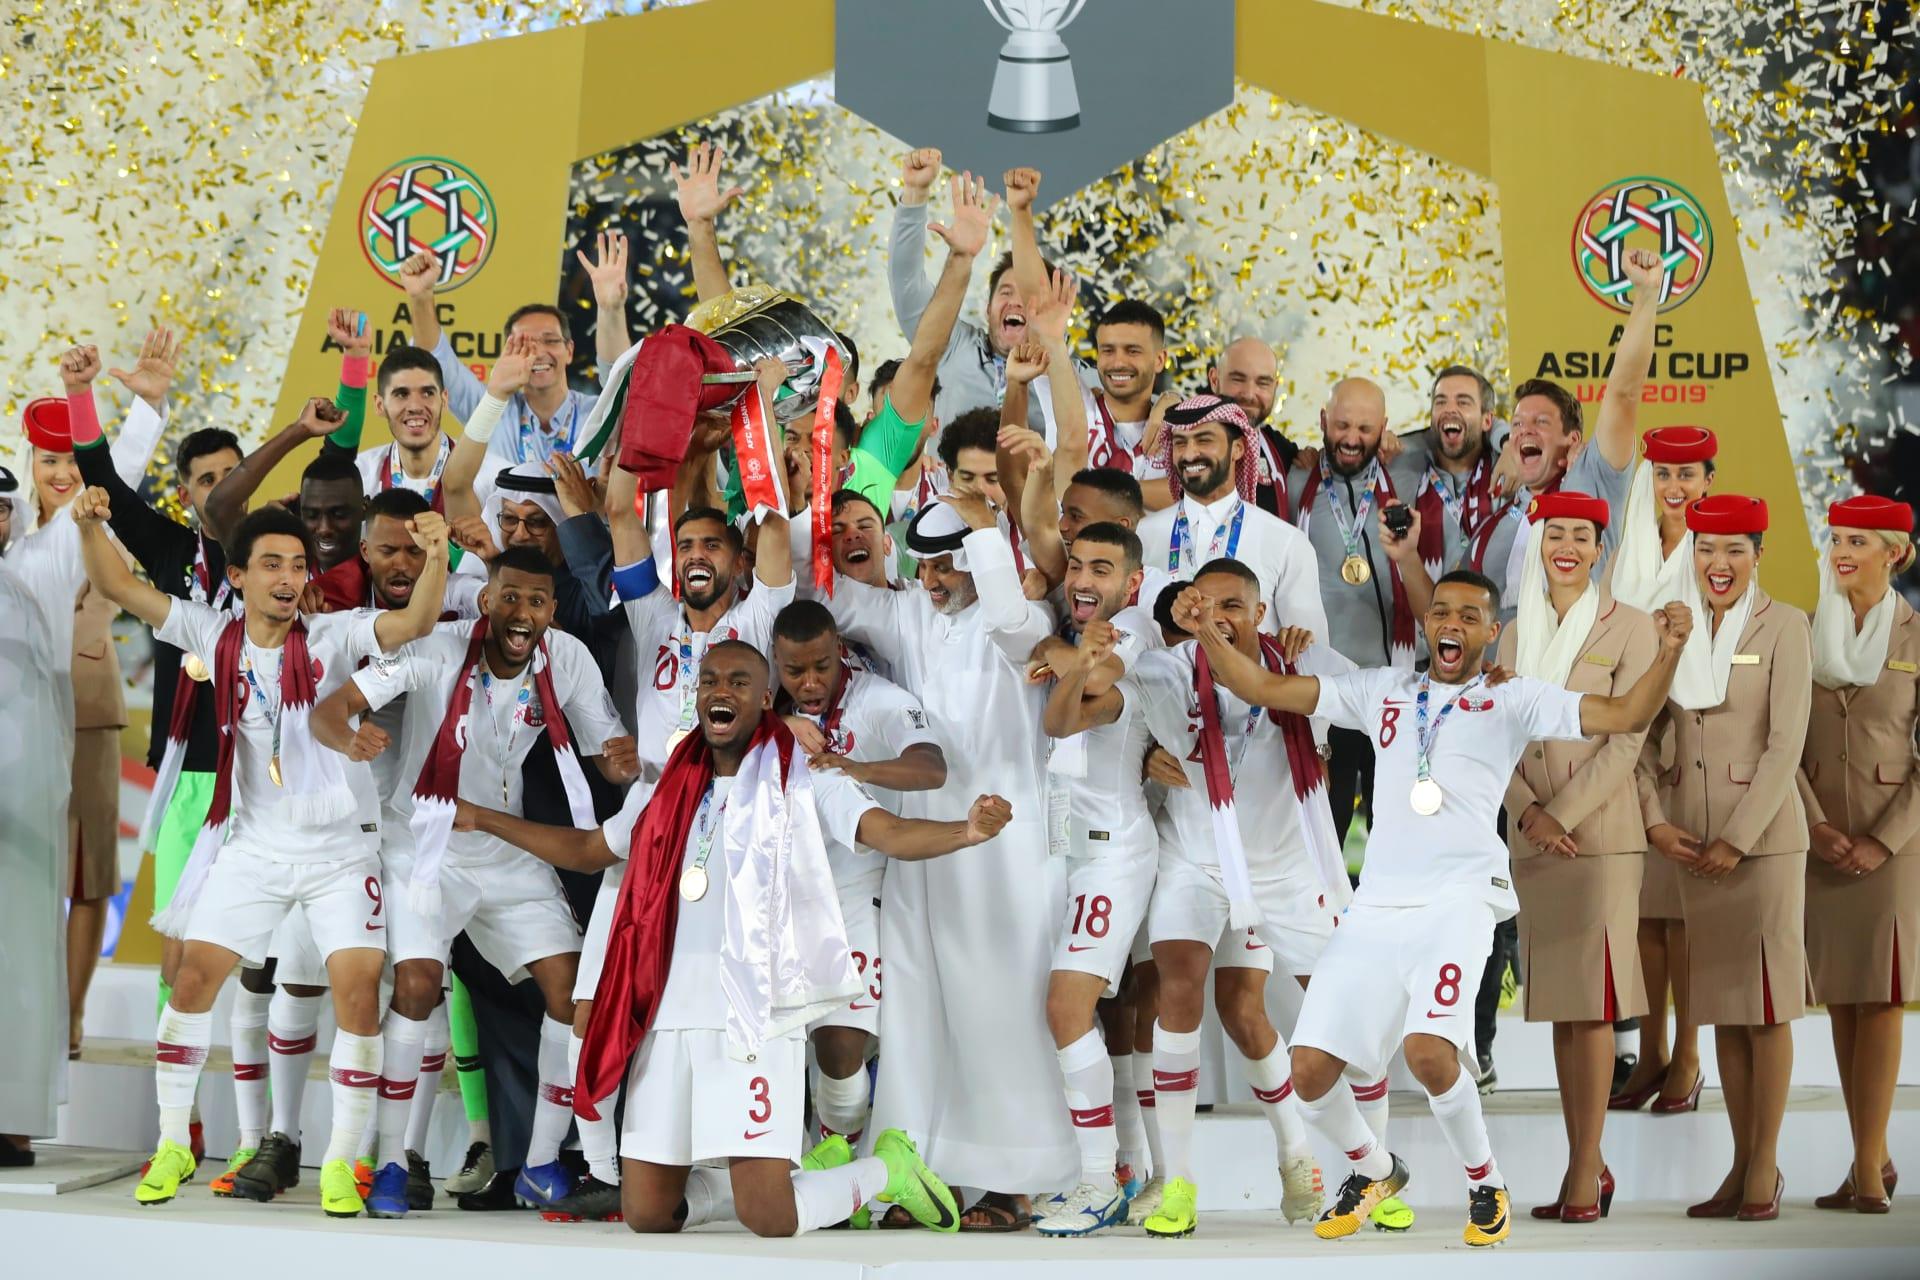 هكذا هنأ أمير قطر منتخب بلاده بعد الفوز بلقب كأس آسيا